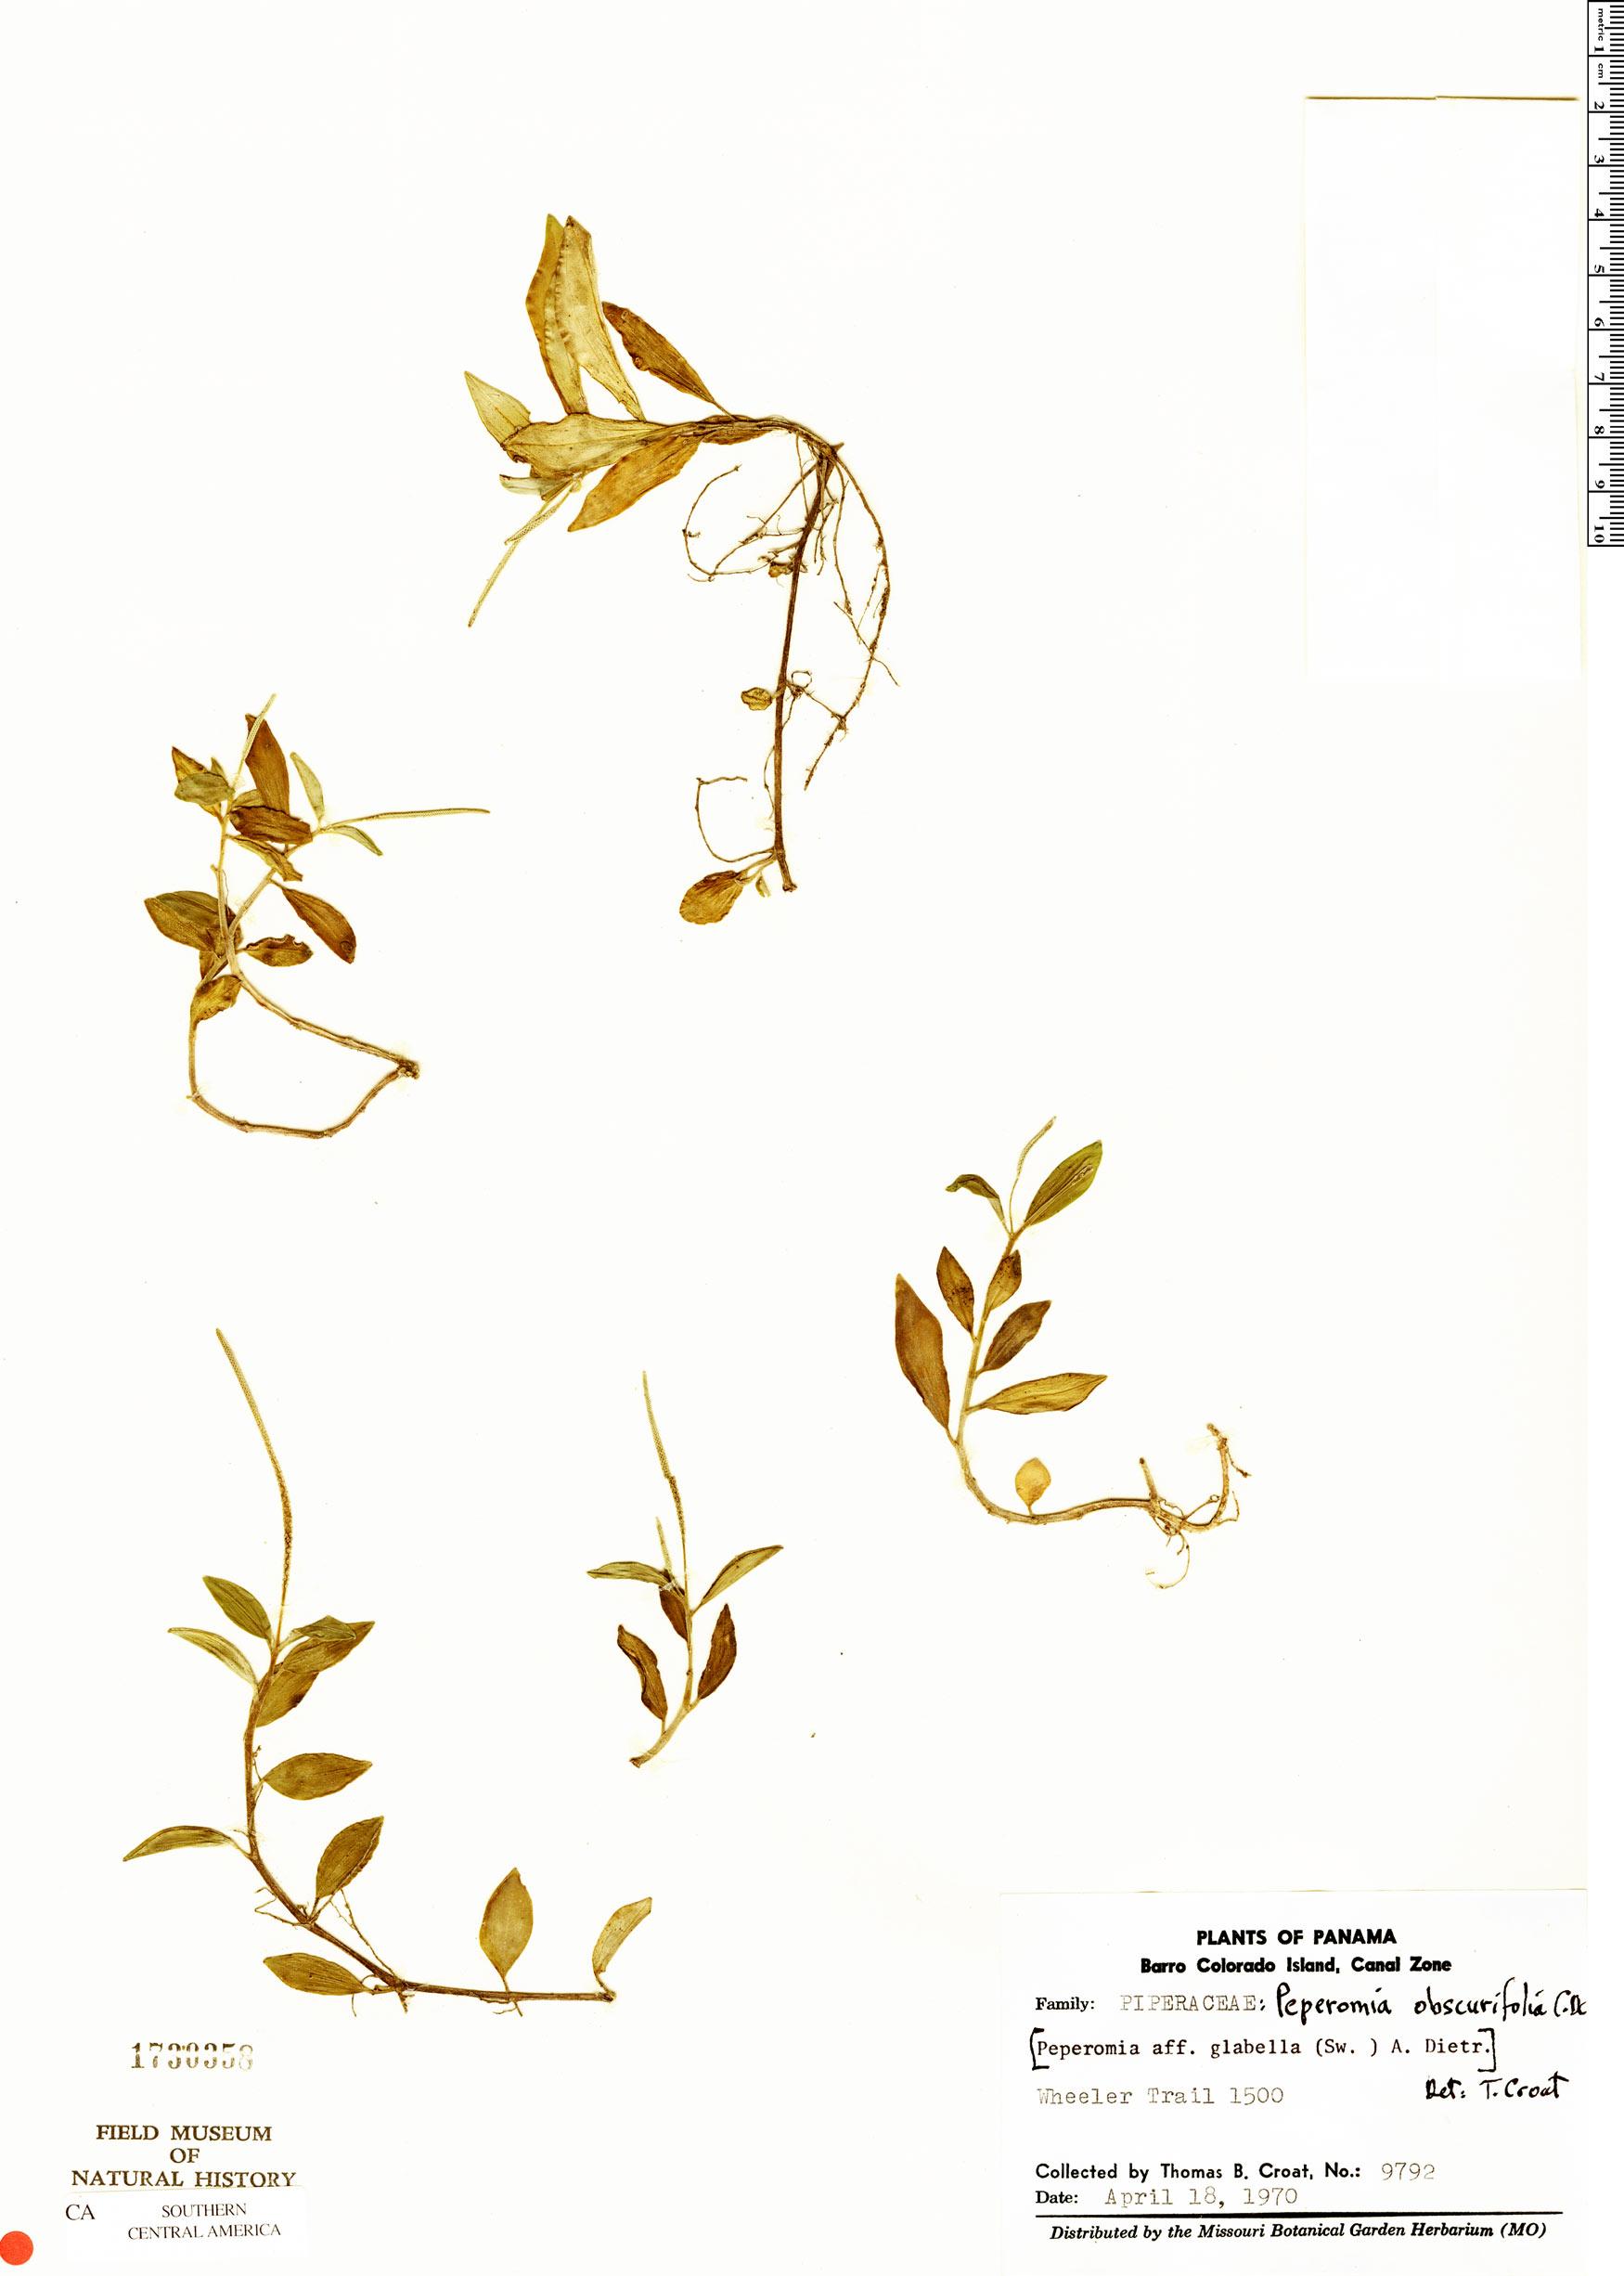 Specimen: Peperomia obscurifolia